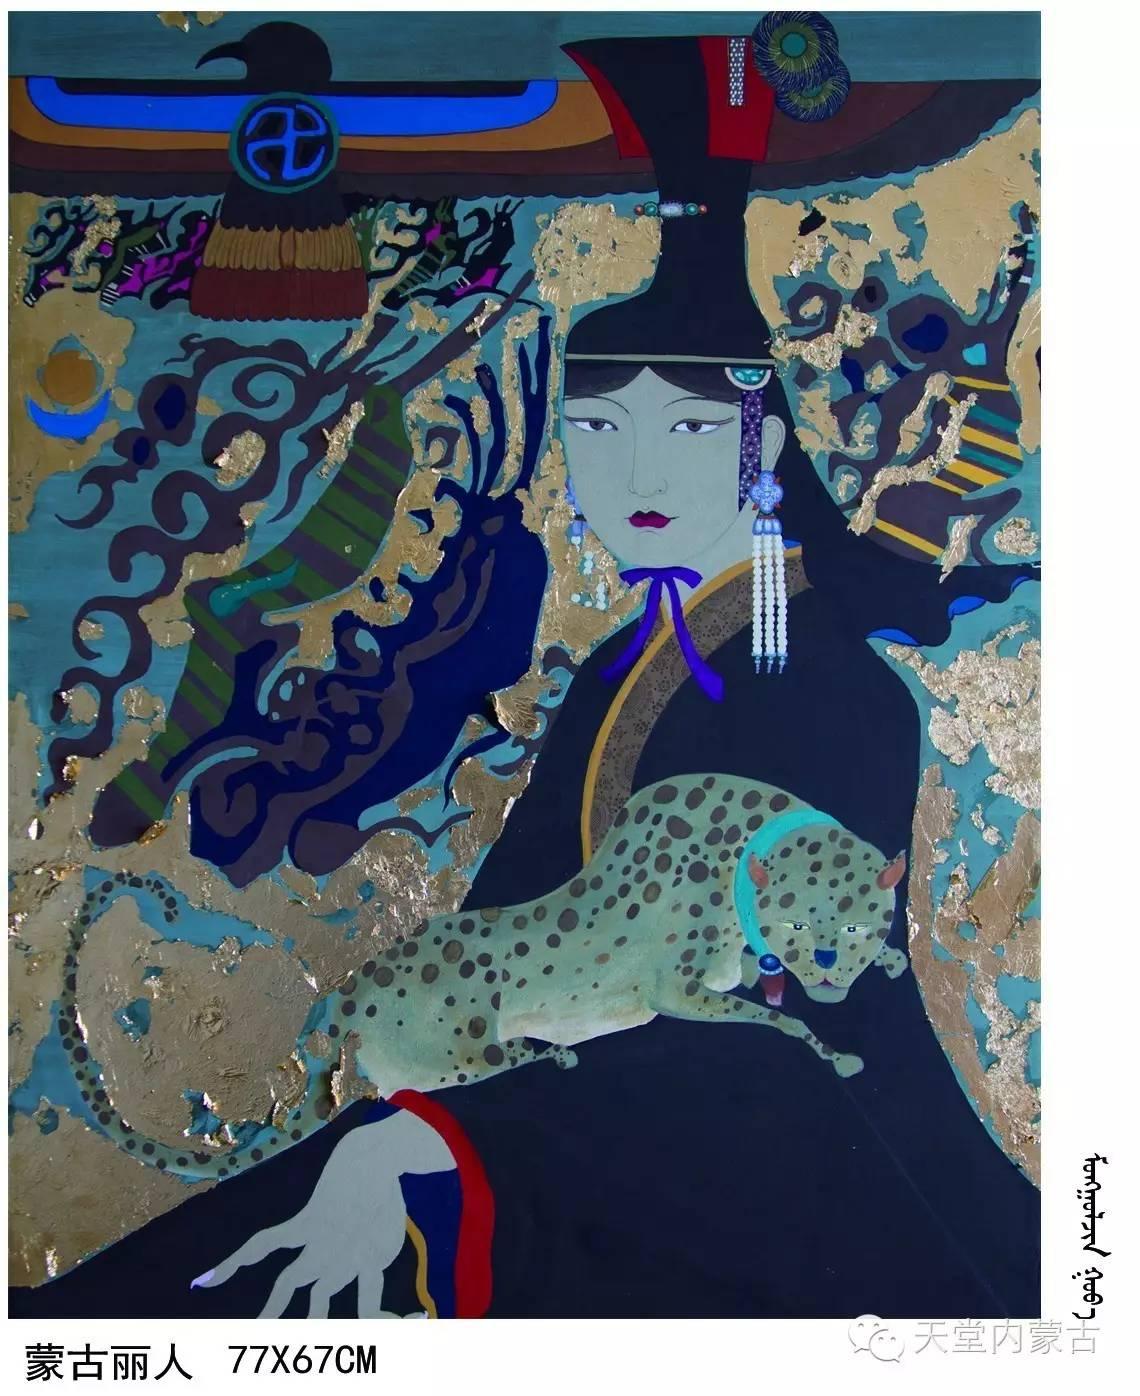 🔴内蒙古蒙古画艺术家乌云额尔德尼《故乡的呼唤》个人艺术展 第7张 🔴内蒙古蒙古画艺术家乌云额尔德尼《故乡的呼唤》个人艺术展 蒙古画廊